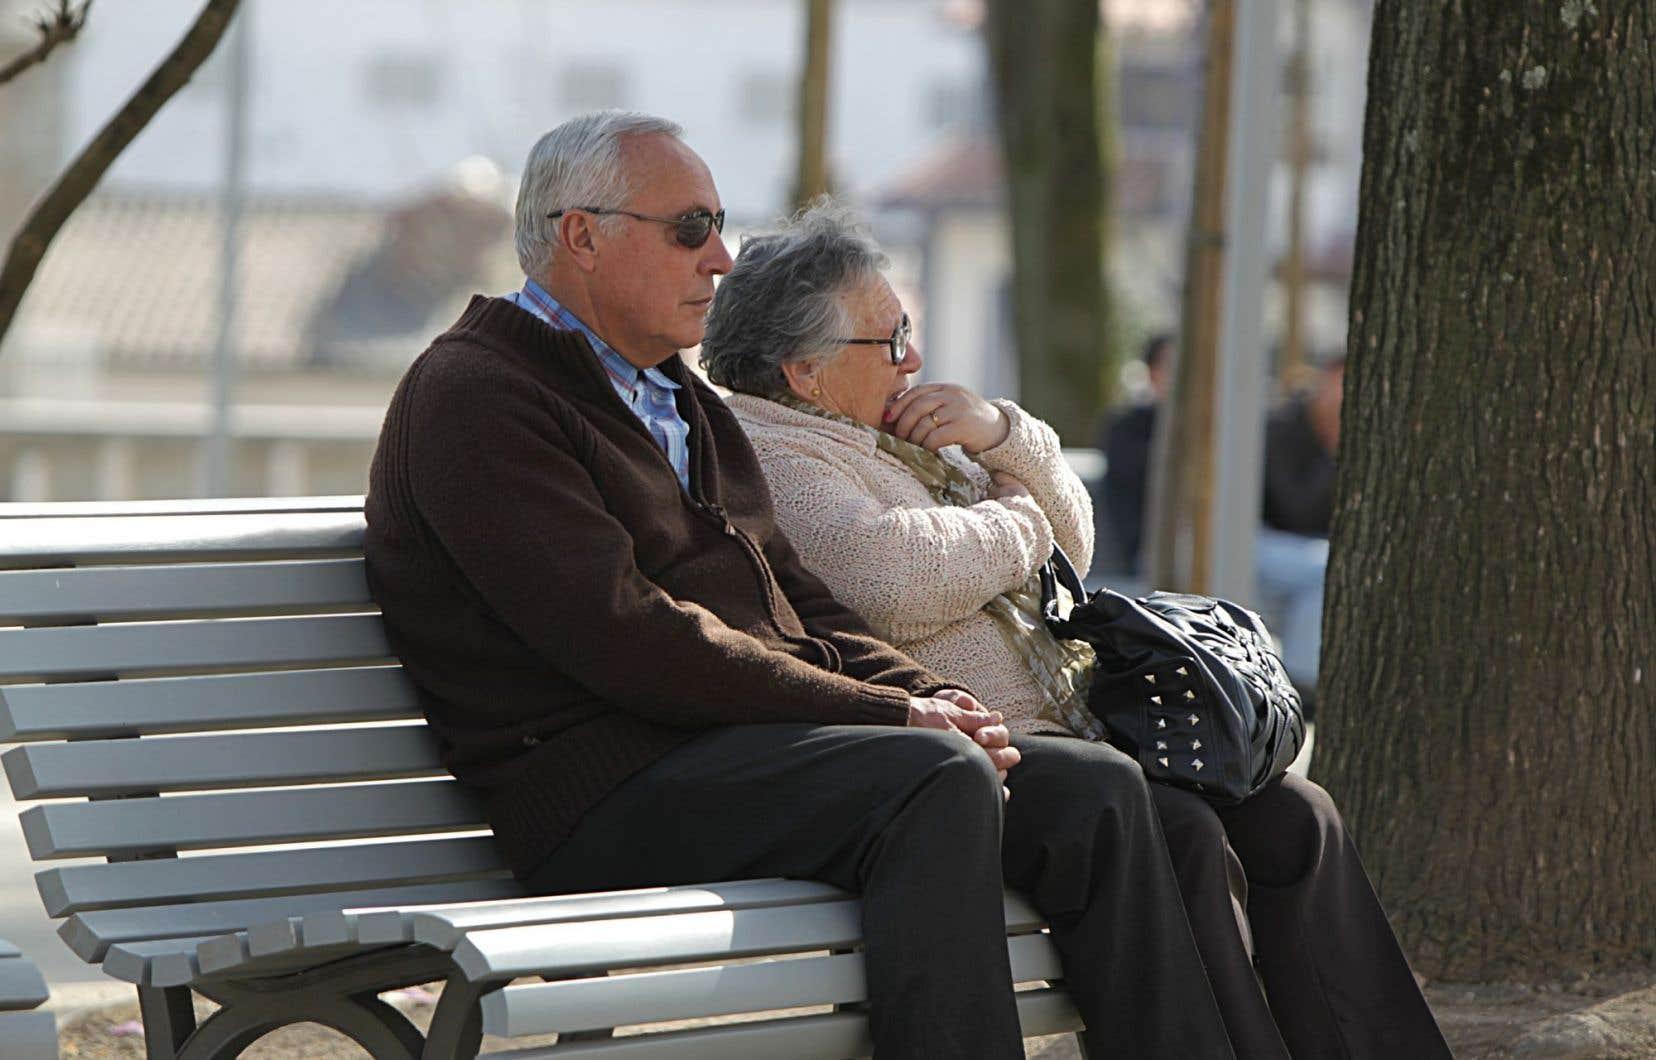 La protectrice souligne que la proportion des aînés s'accroît au Québec et qu'il est impératif que les locataires de résidences puissent faire valoir leurs droits sans crainte.